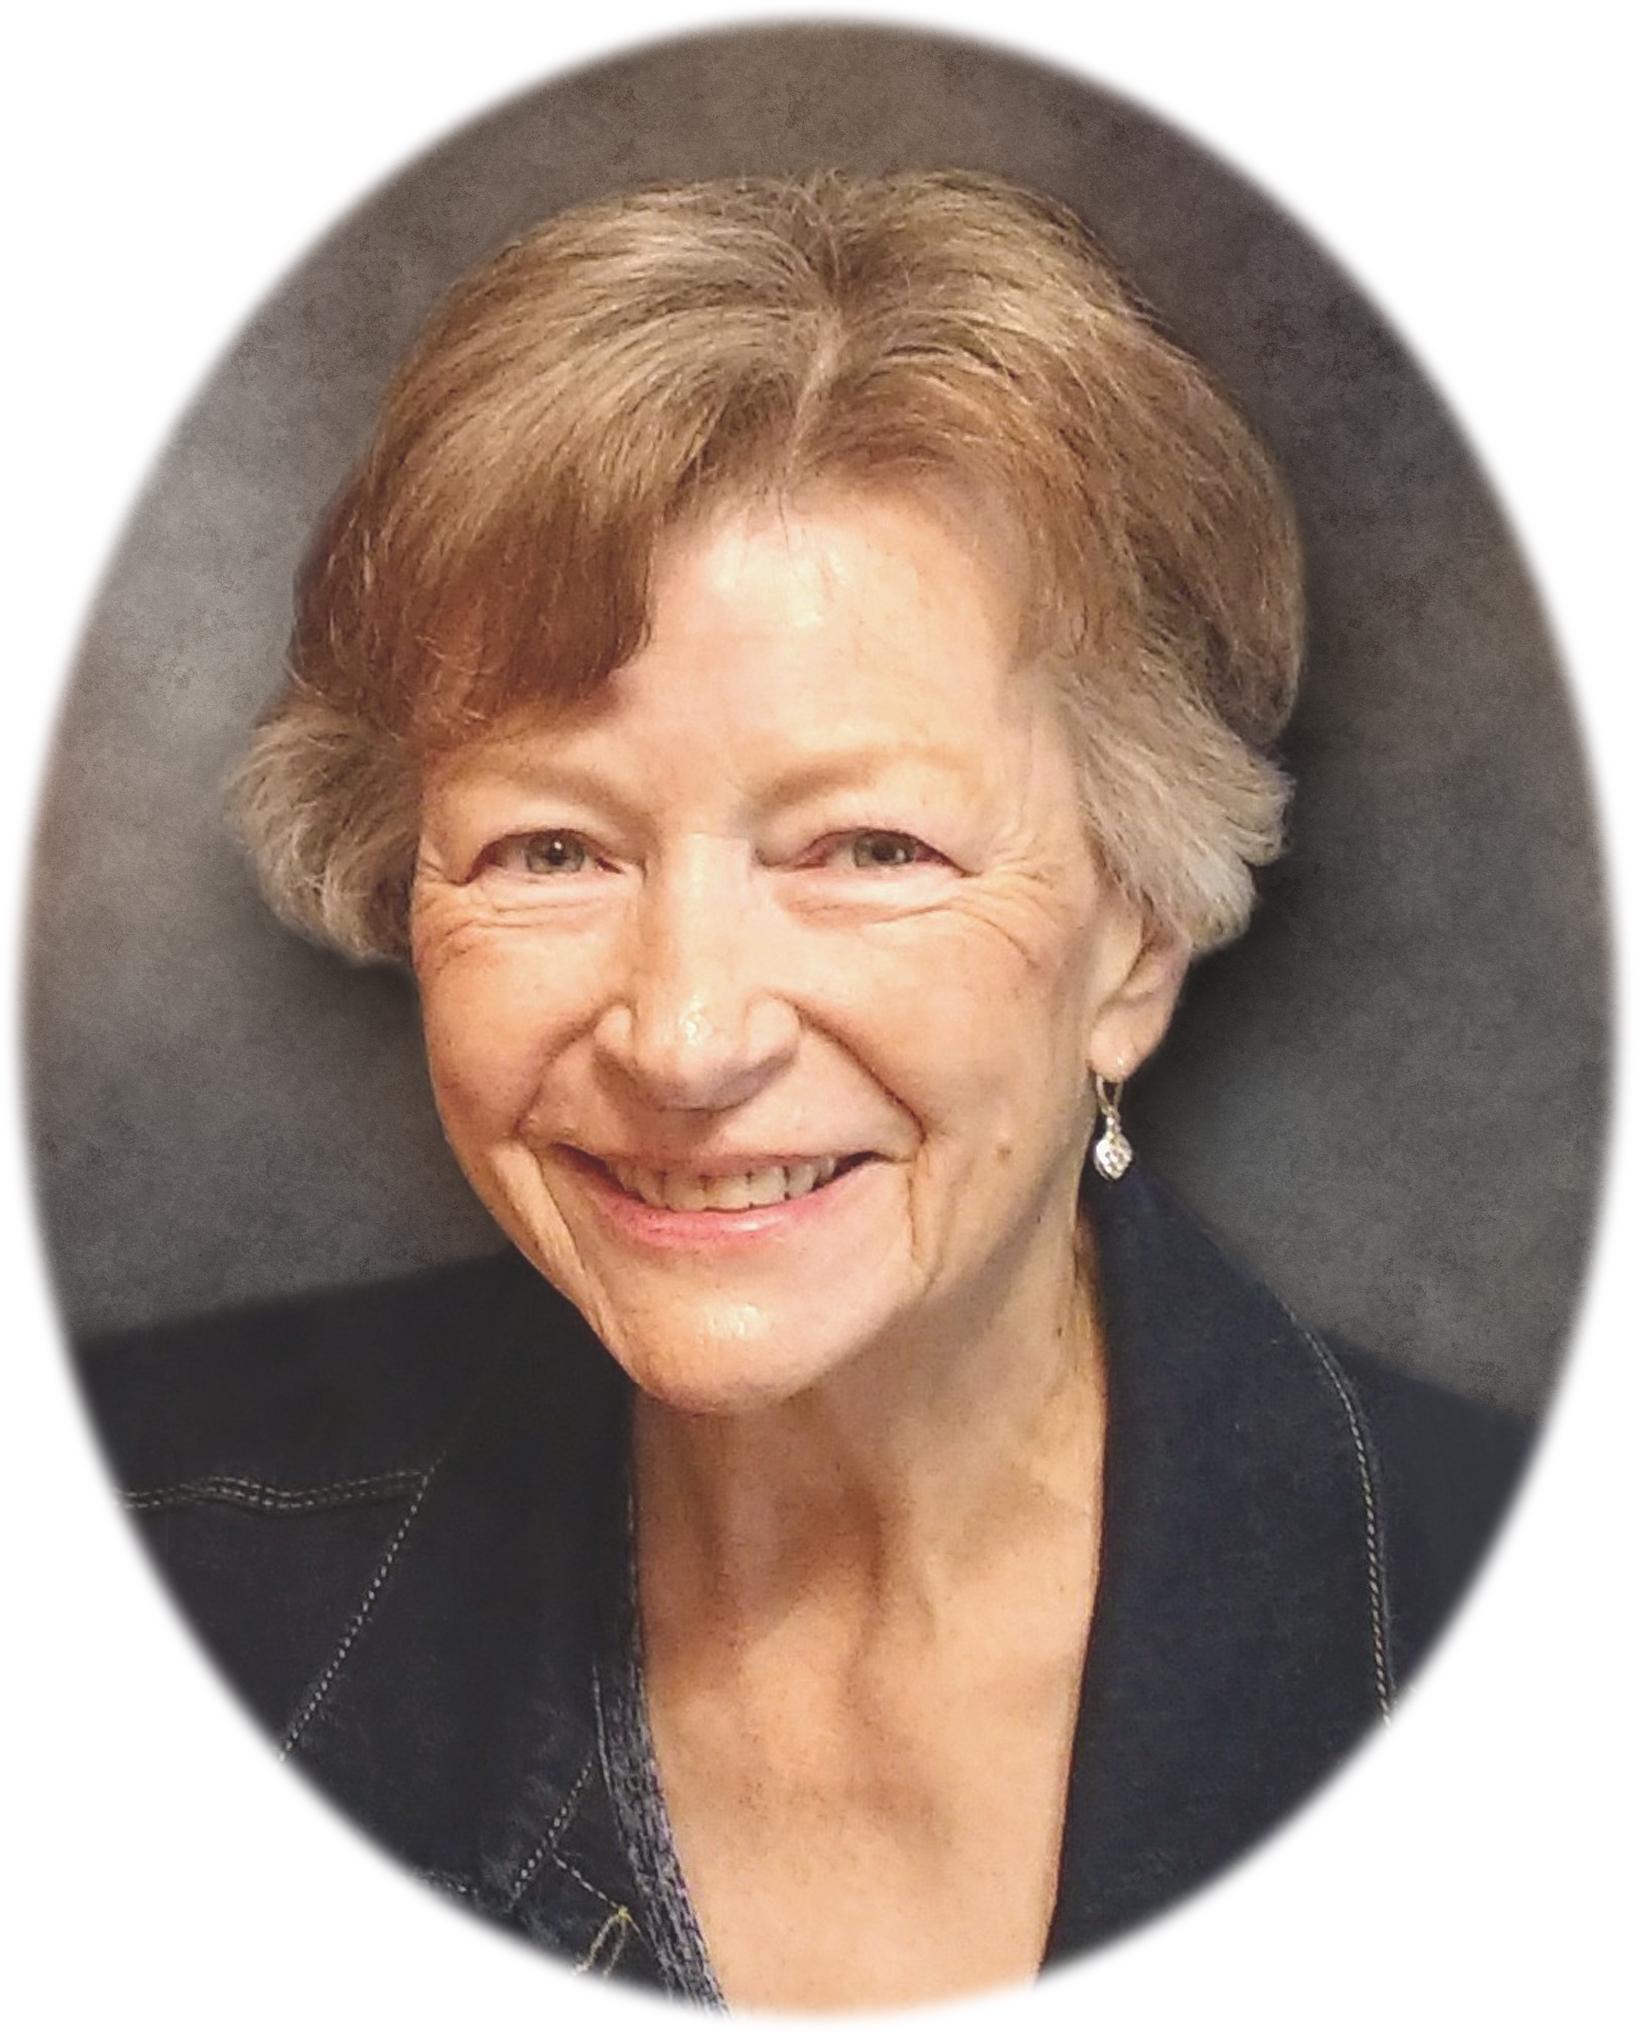 Lois D. Ronne